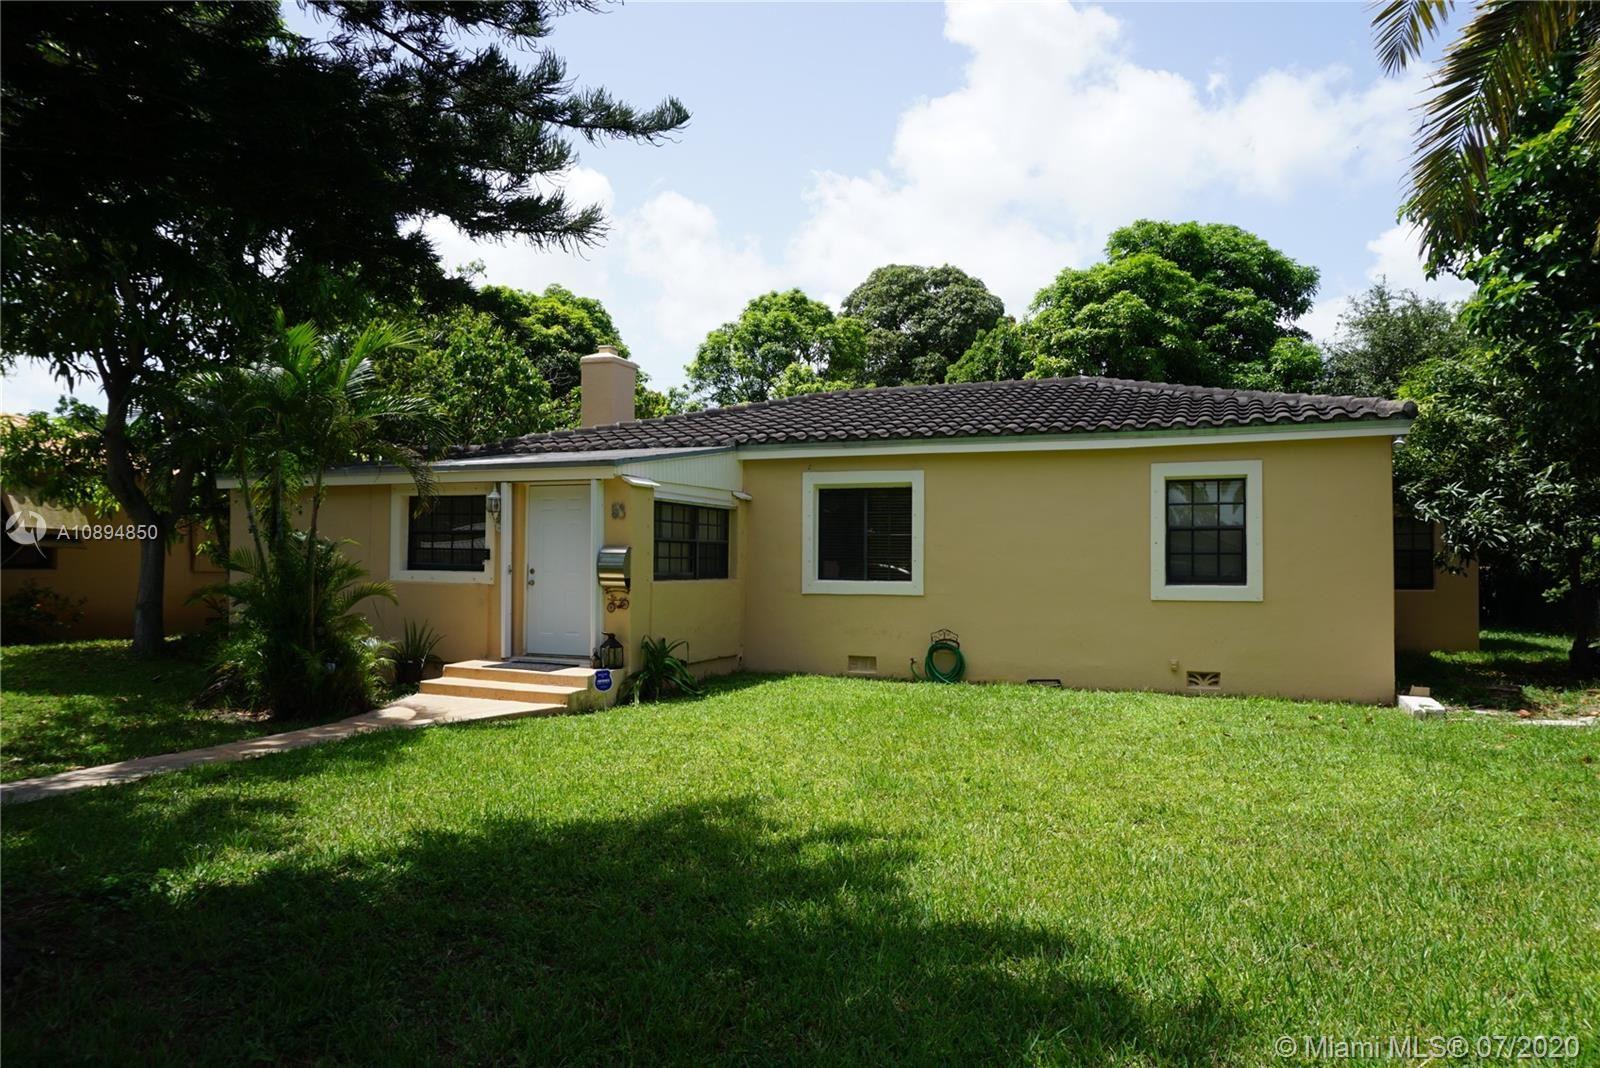 53 NW 109th St, Miami Shores, FL 33168 - #: A10894850